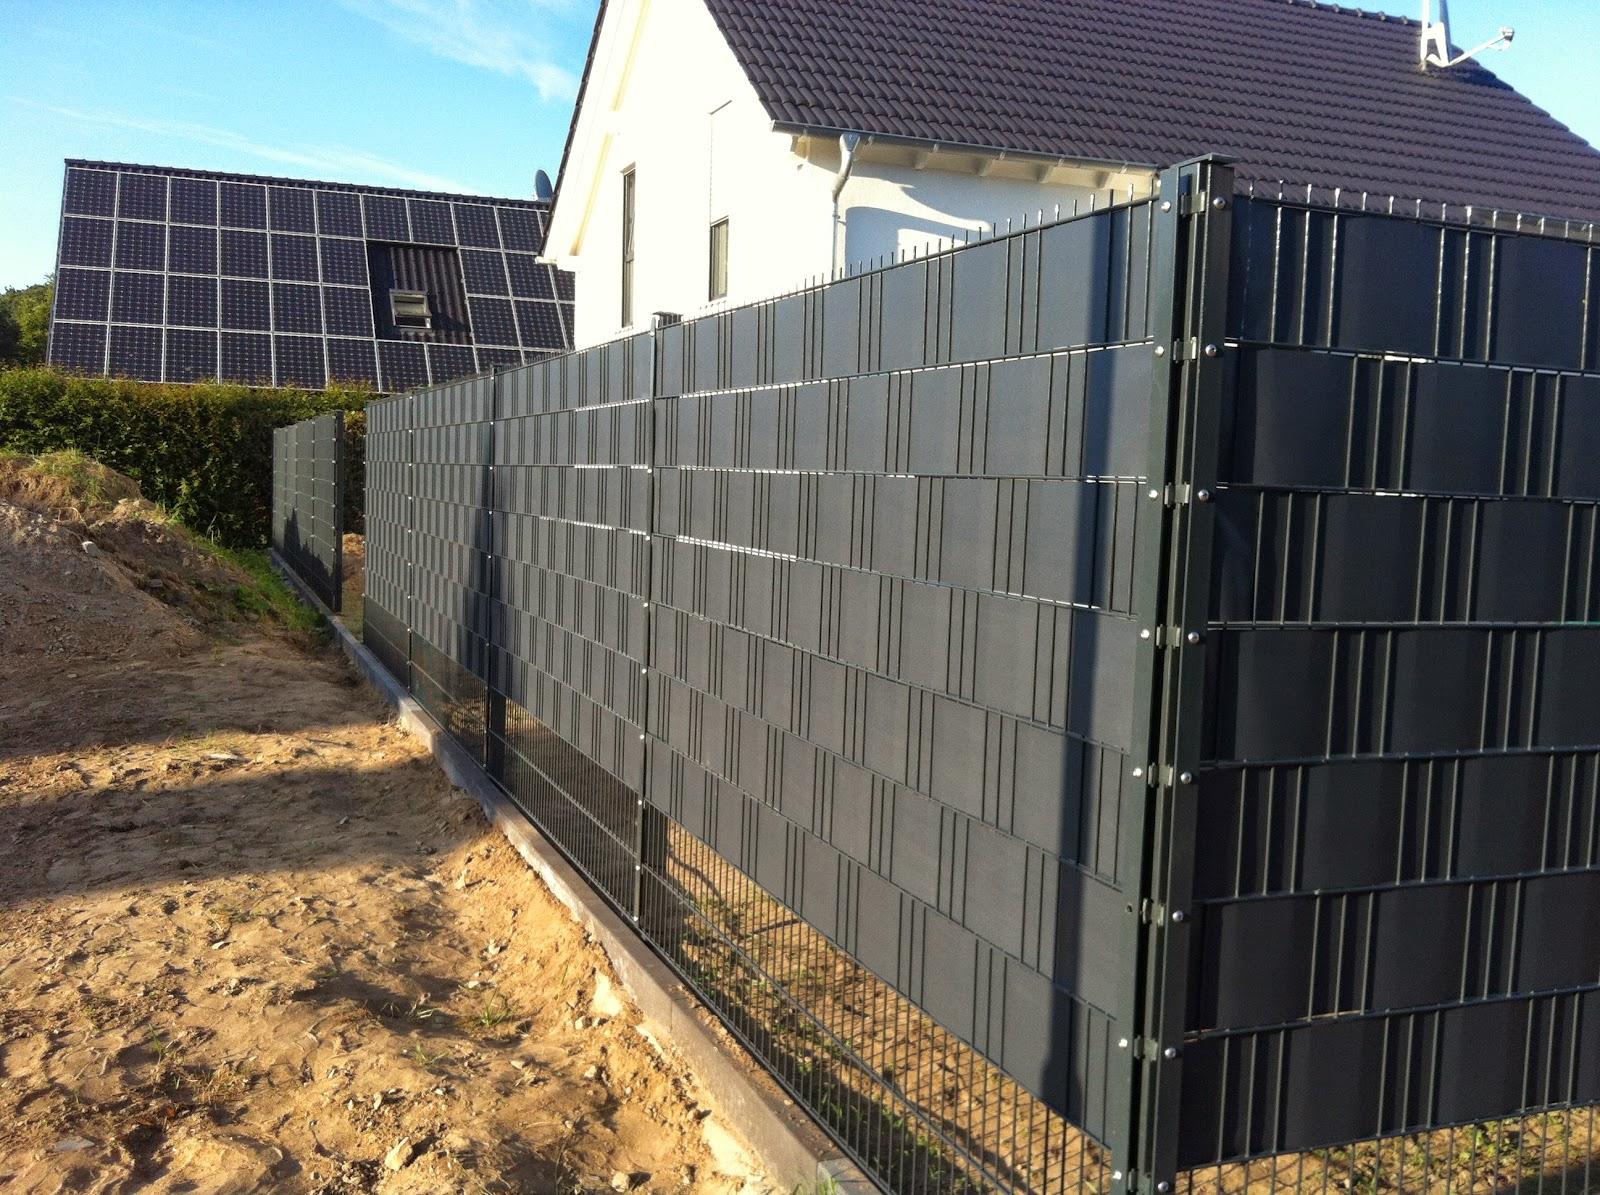 Kasia & Irek Wir bauen unser Traumhaus Terrasse Zaun und Rasen